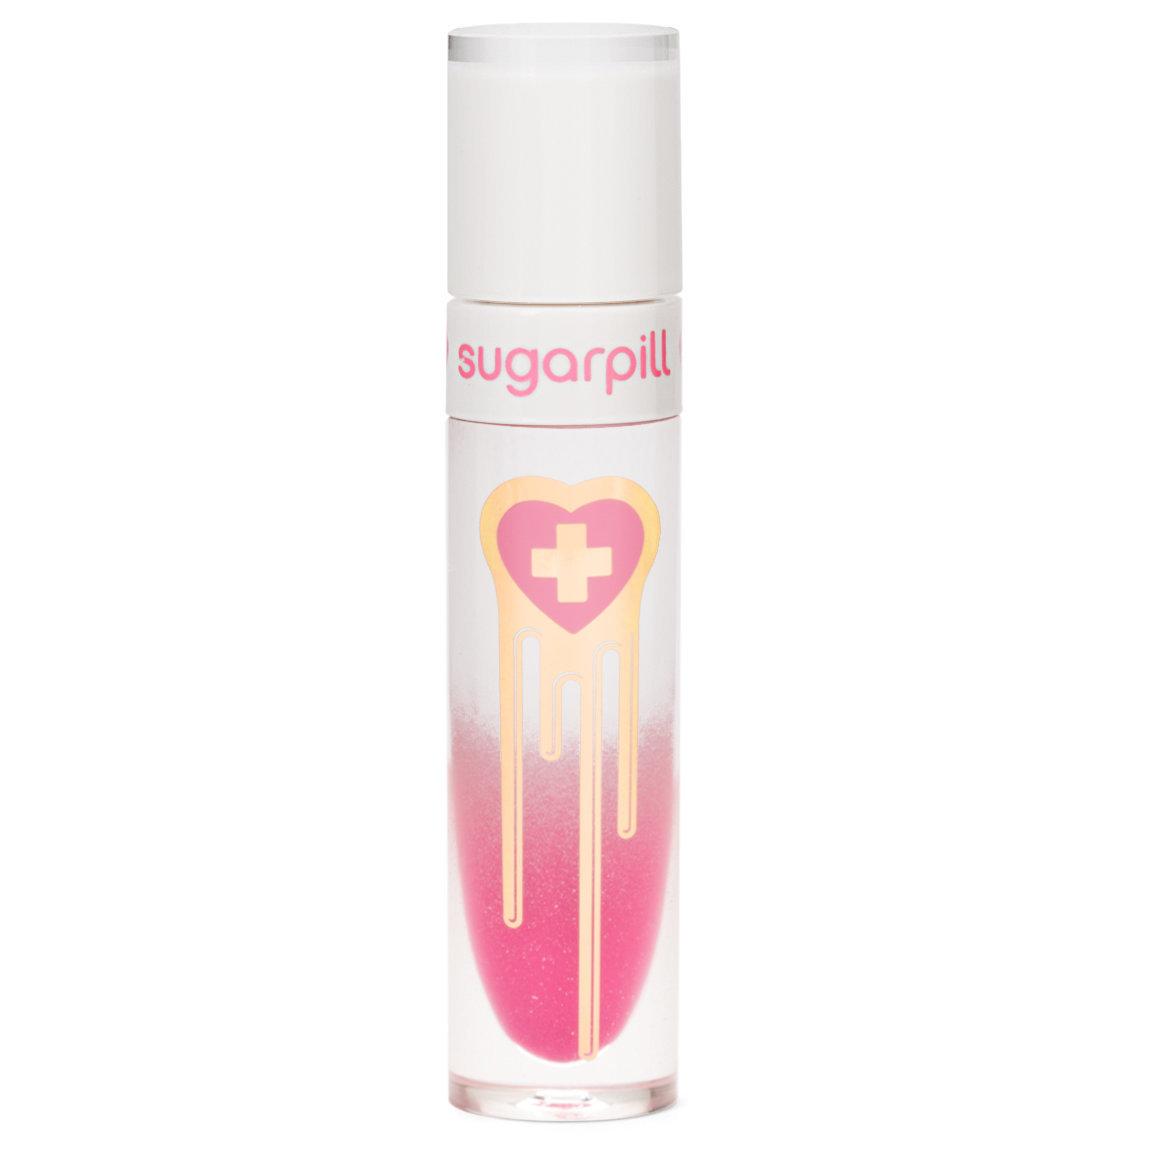 Sugarpill Cosmetics Liquid Lip Color Girl Crush